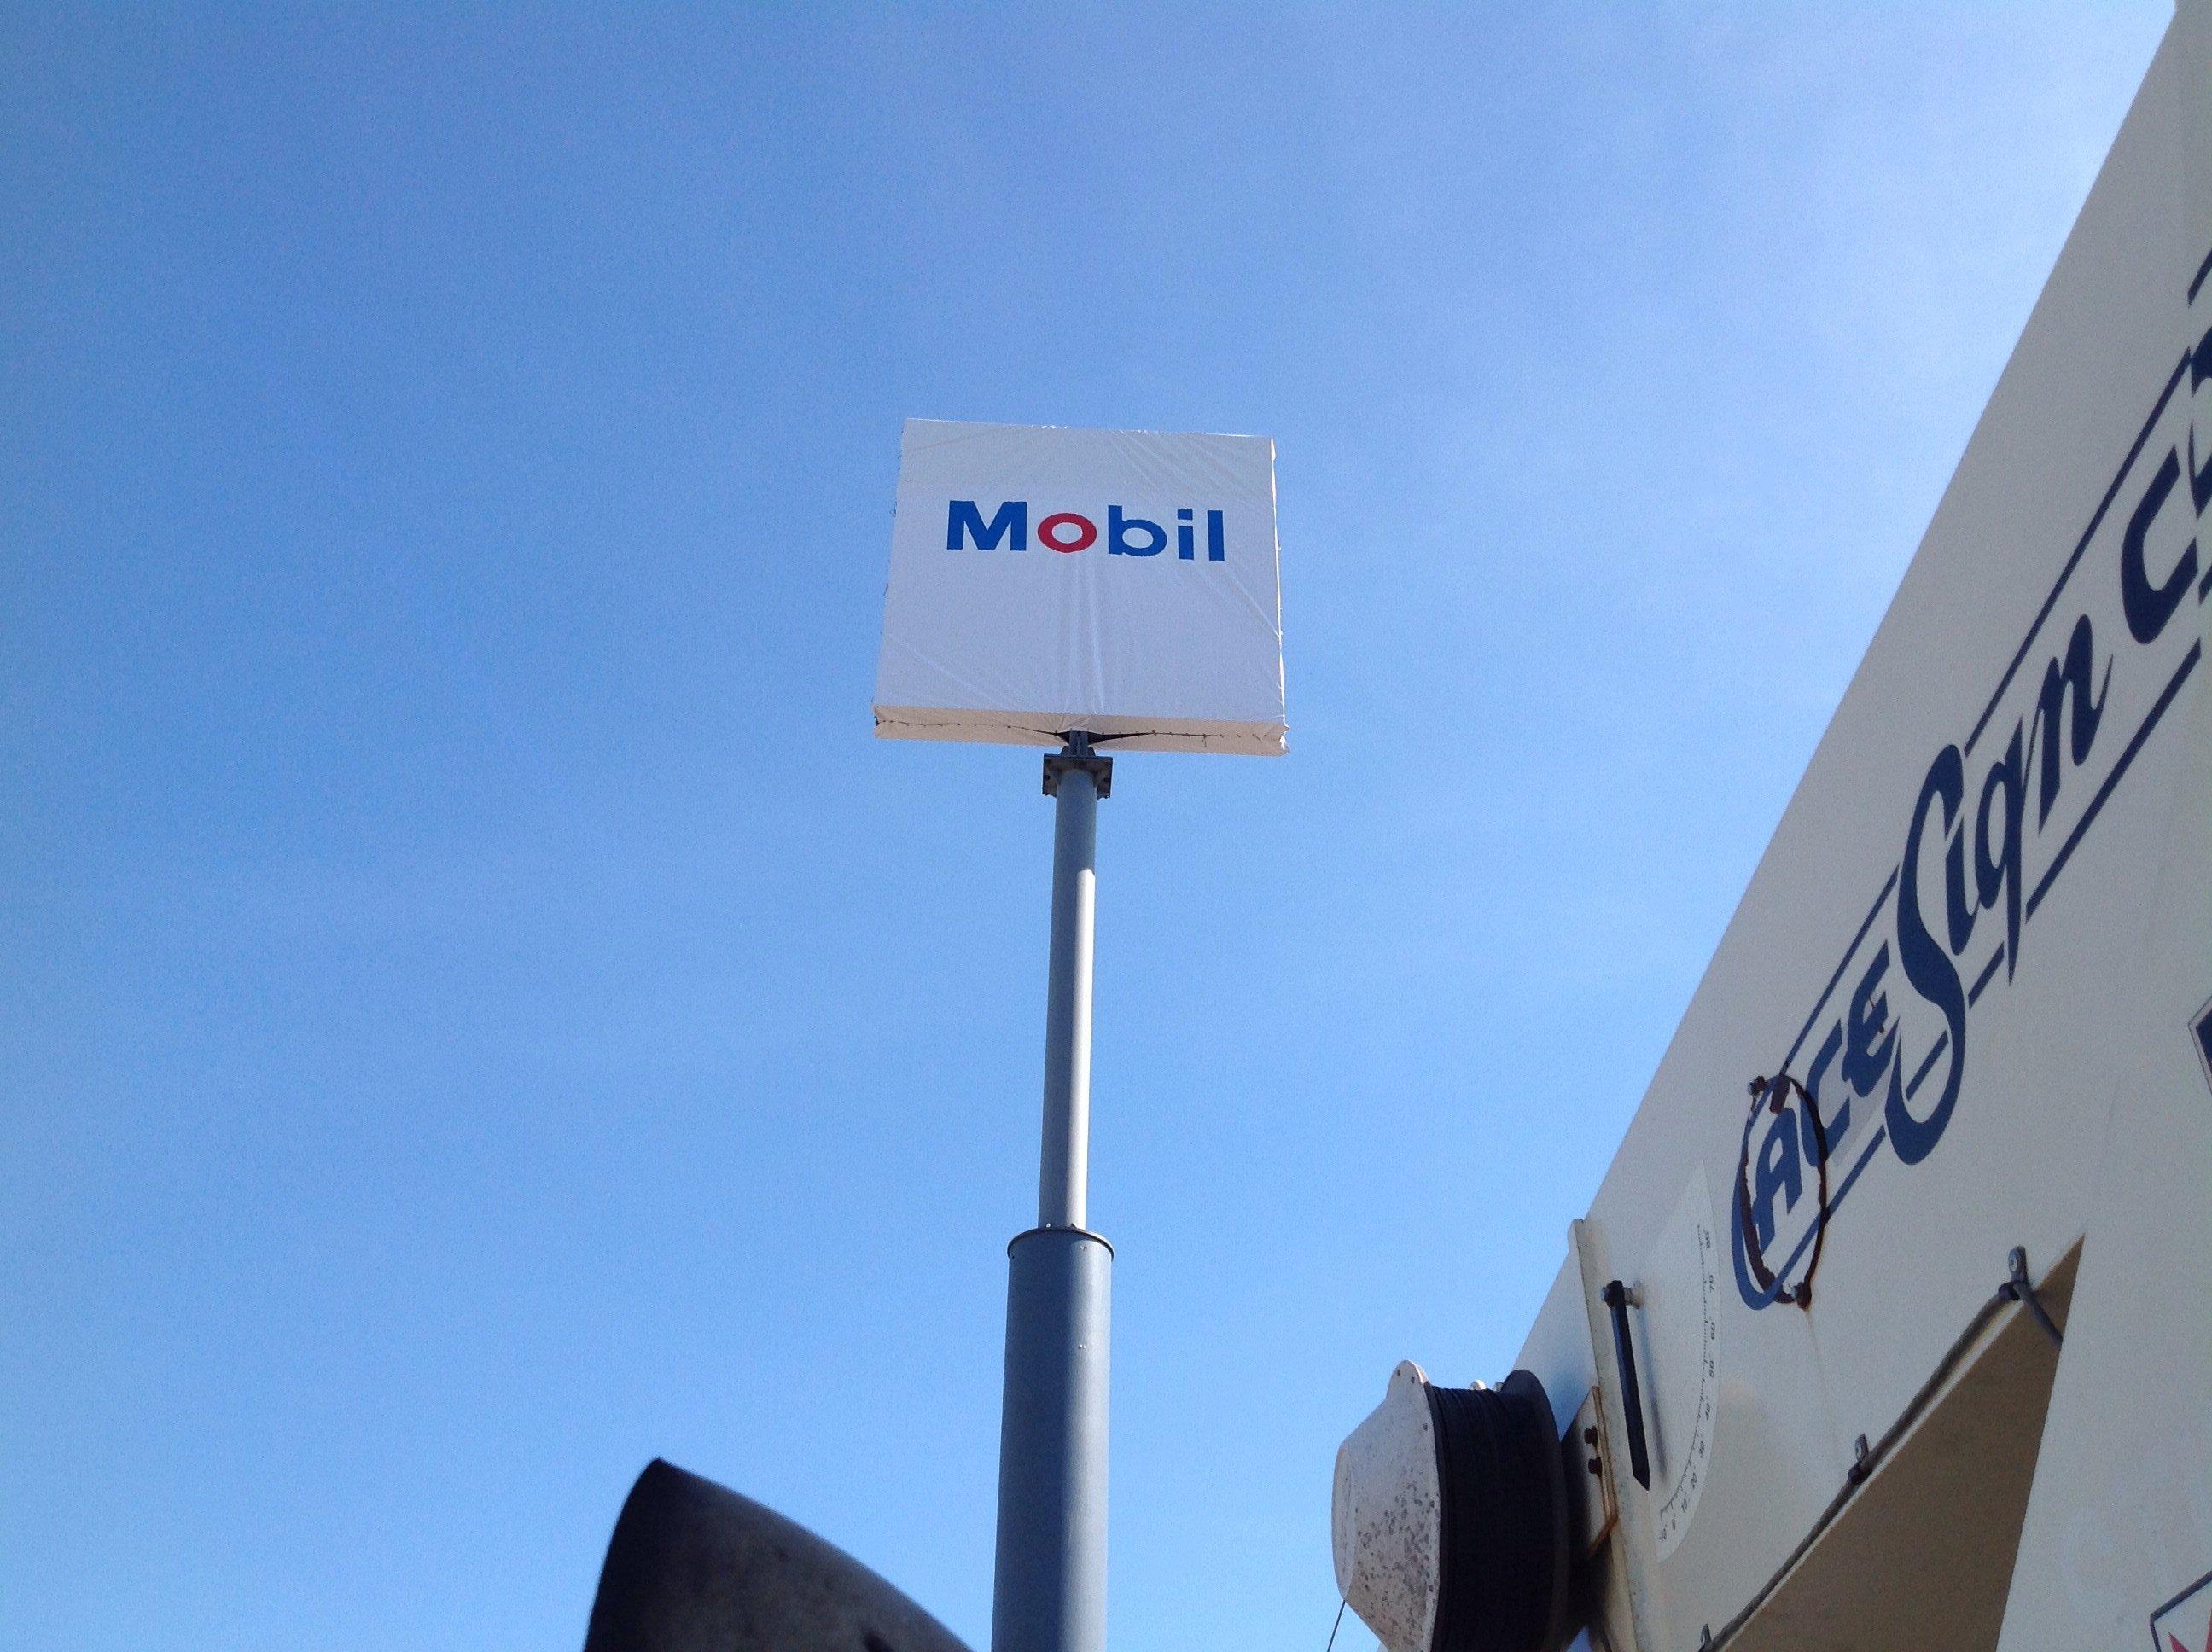 Mobil Awning